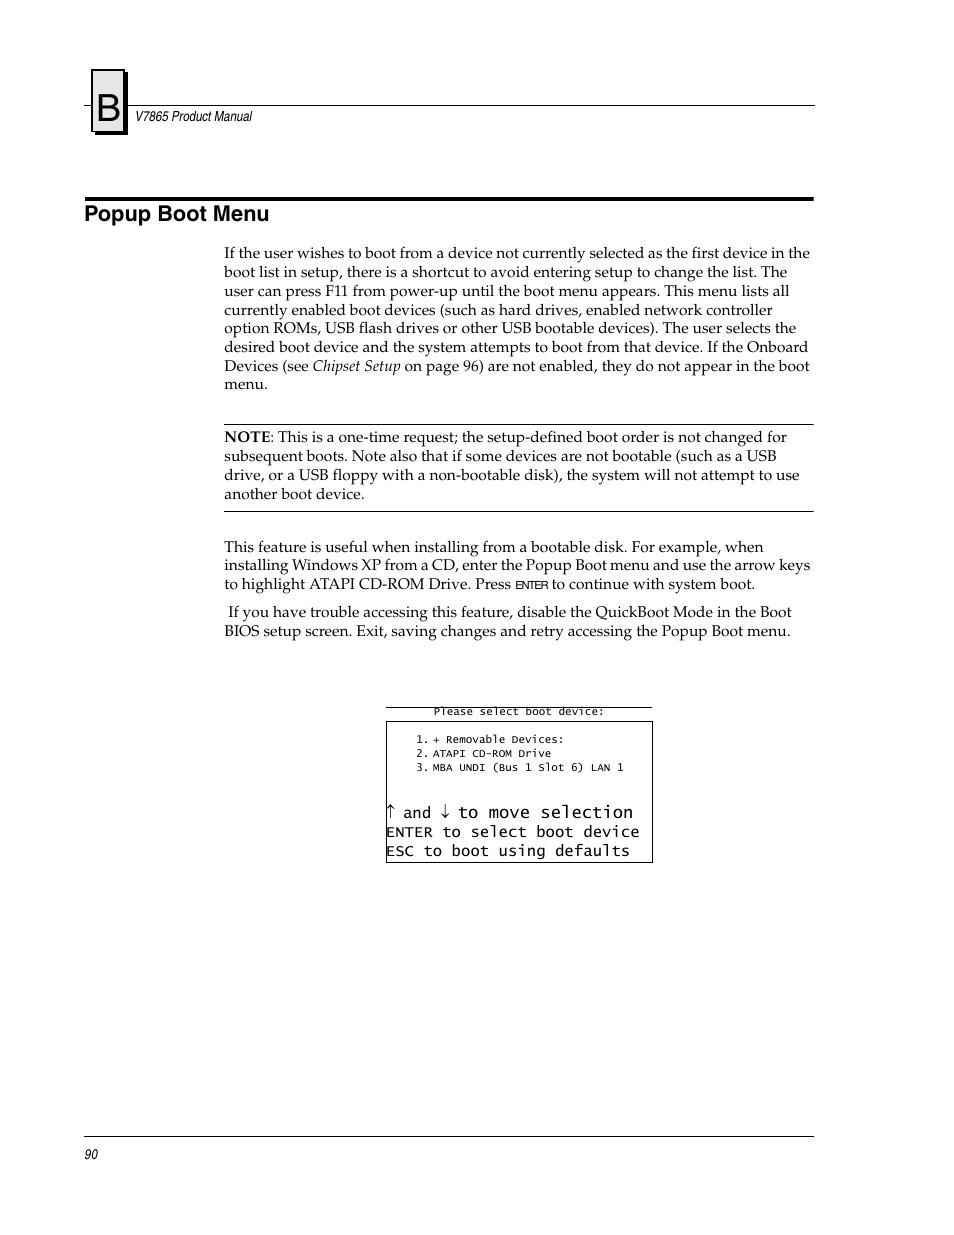 Popup boot menu | FANUC Robotics America V7865* User Manual